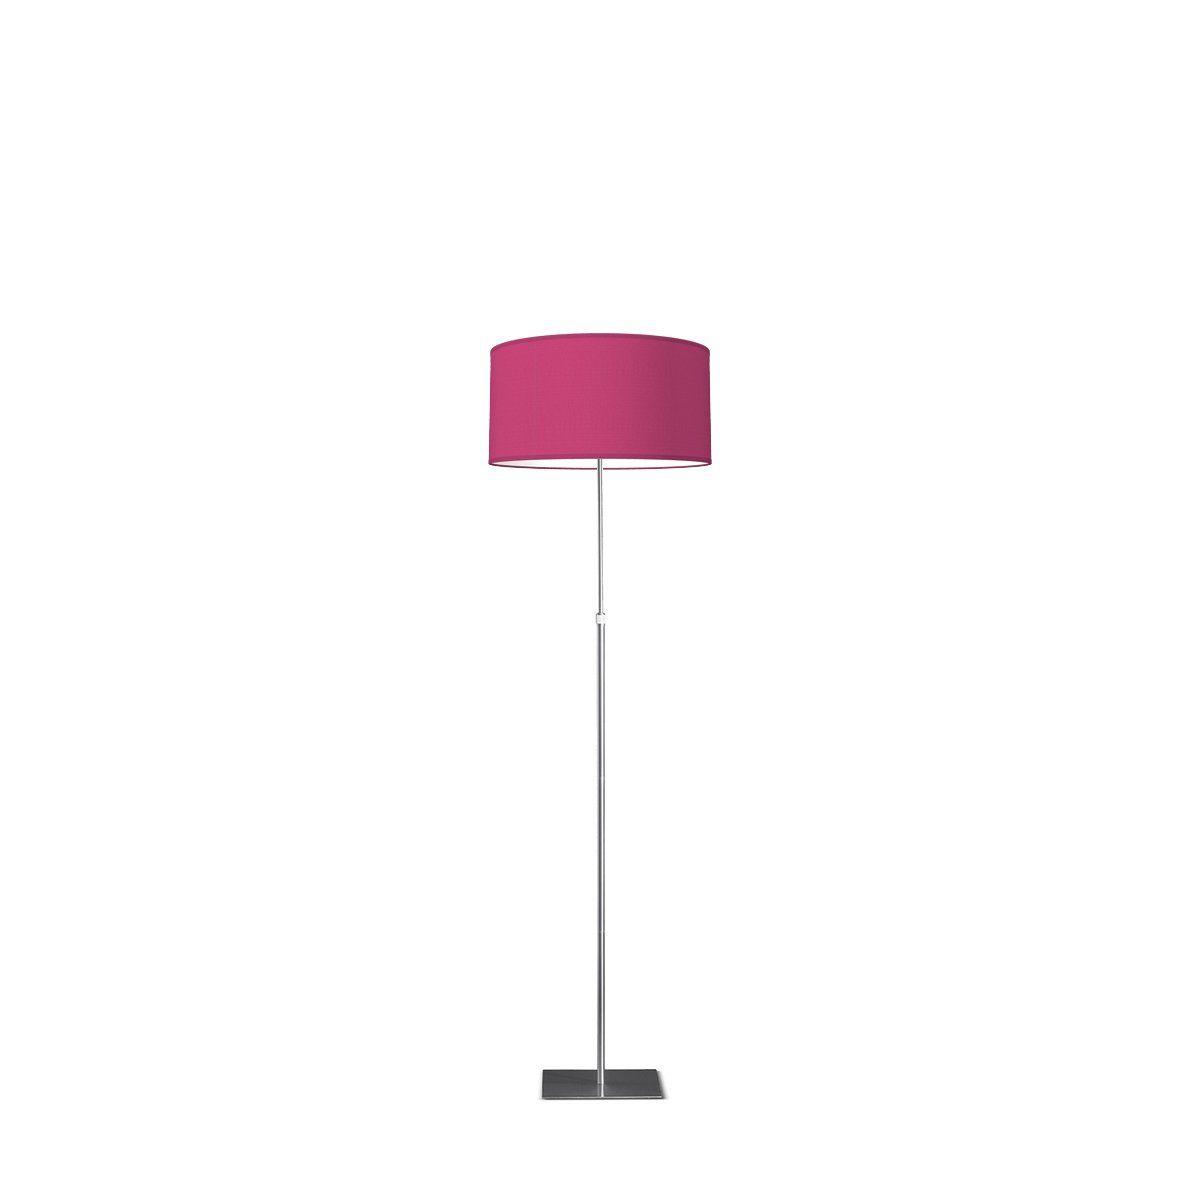 Home sweet home vloerlamp bobo bling Ø 45 cm - roze